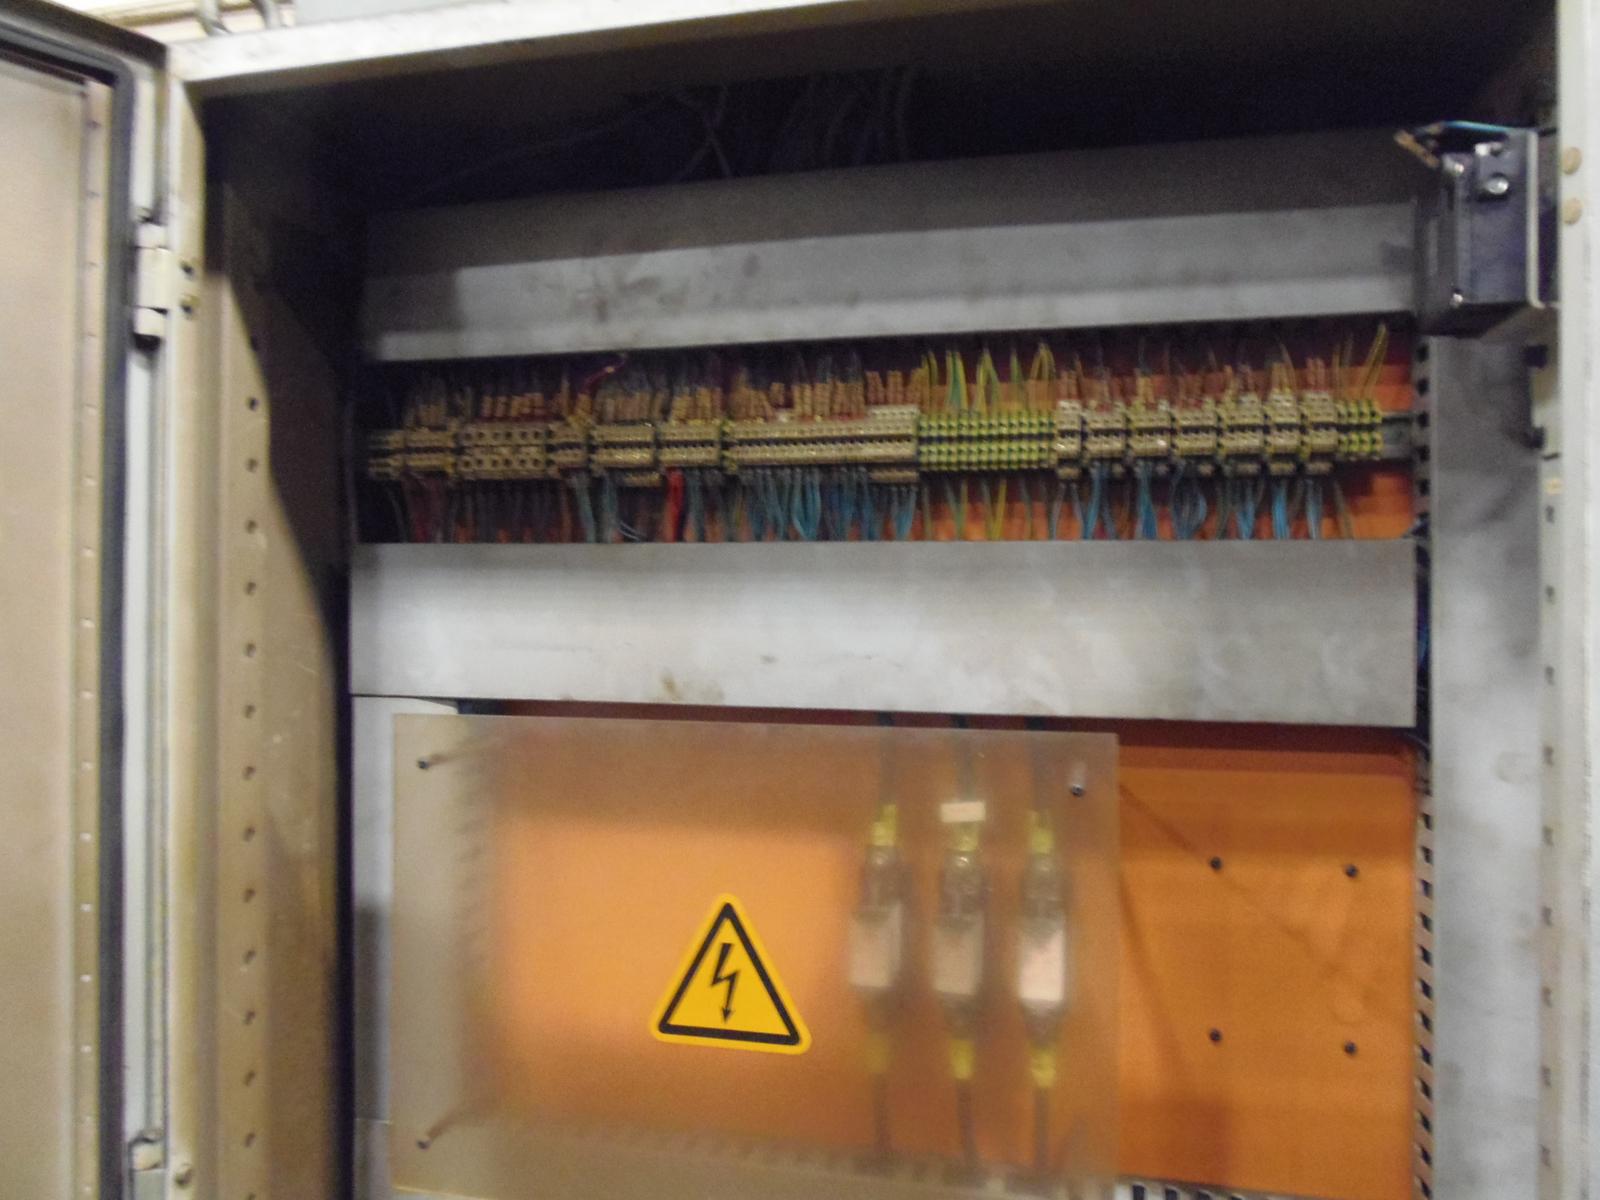 """4.75"""" WOTAN CUTMAX 2 CNC HORIZONTAL BORING MILL, 20 - 3000 RPM, 55 X 63 ROTARY TABLE, 60 ATC, PROBE, CT 50, 71 X 67 X 59 X 23, HEIDENHAIN iTNC 426, 41 HP, 1999"""